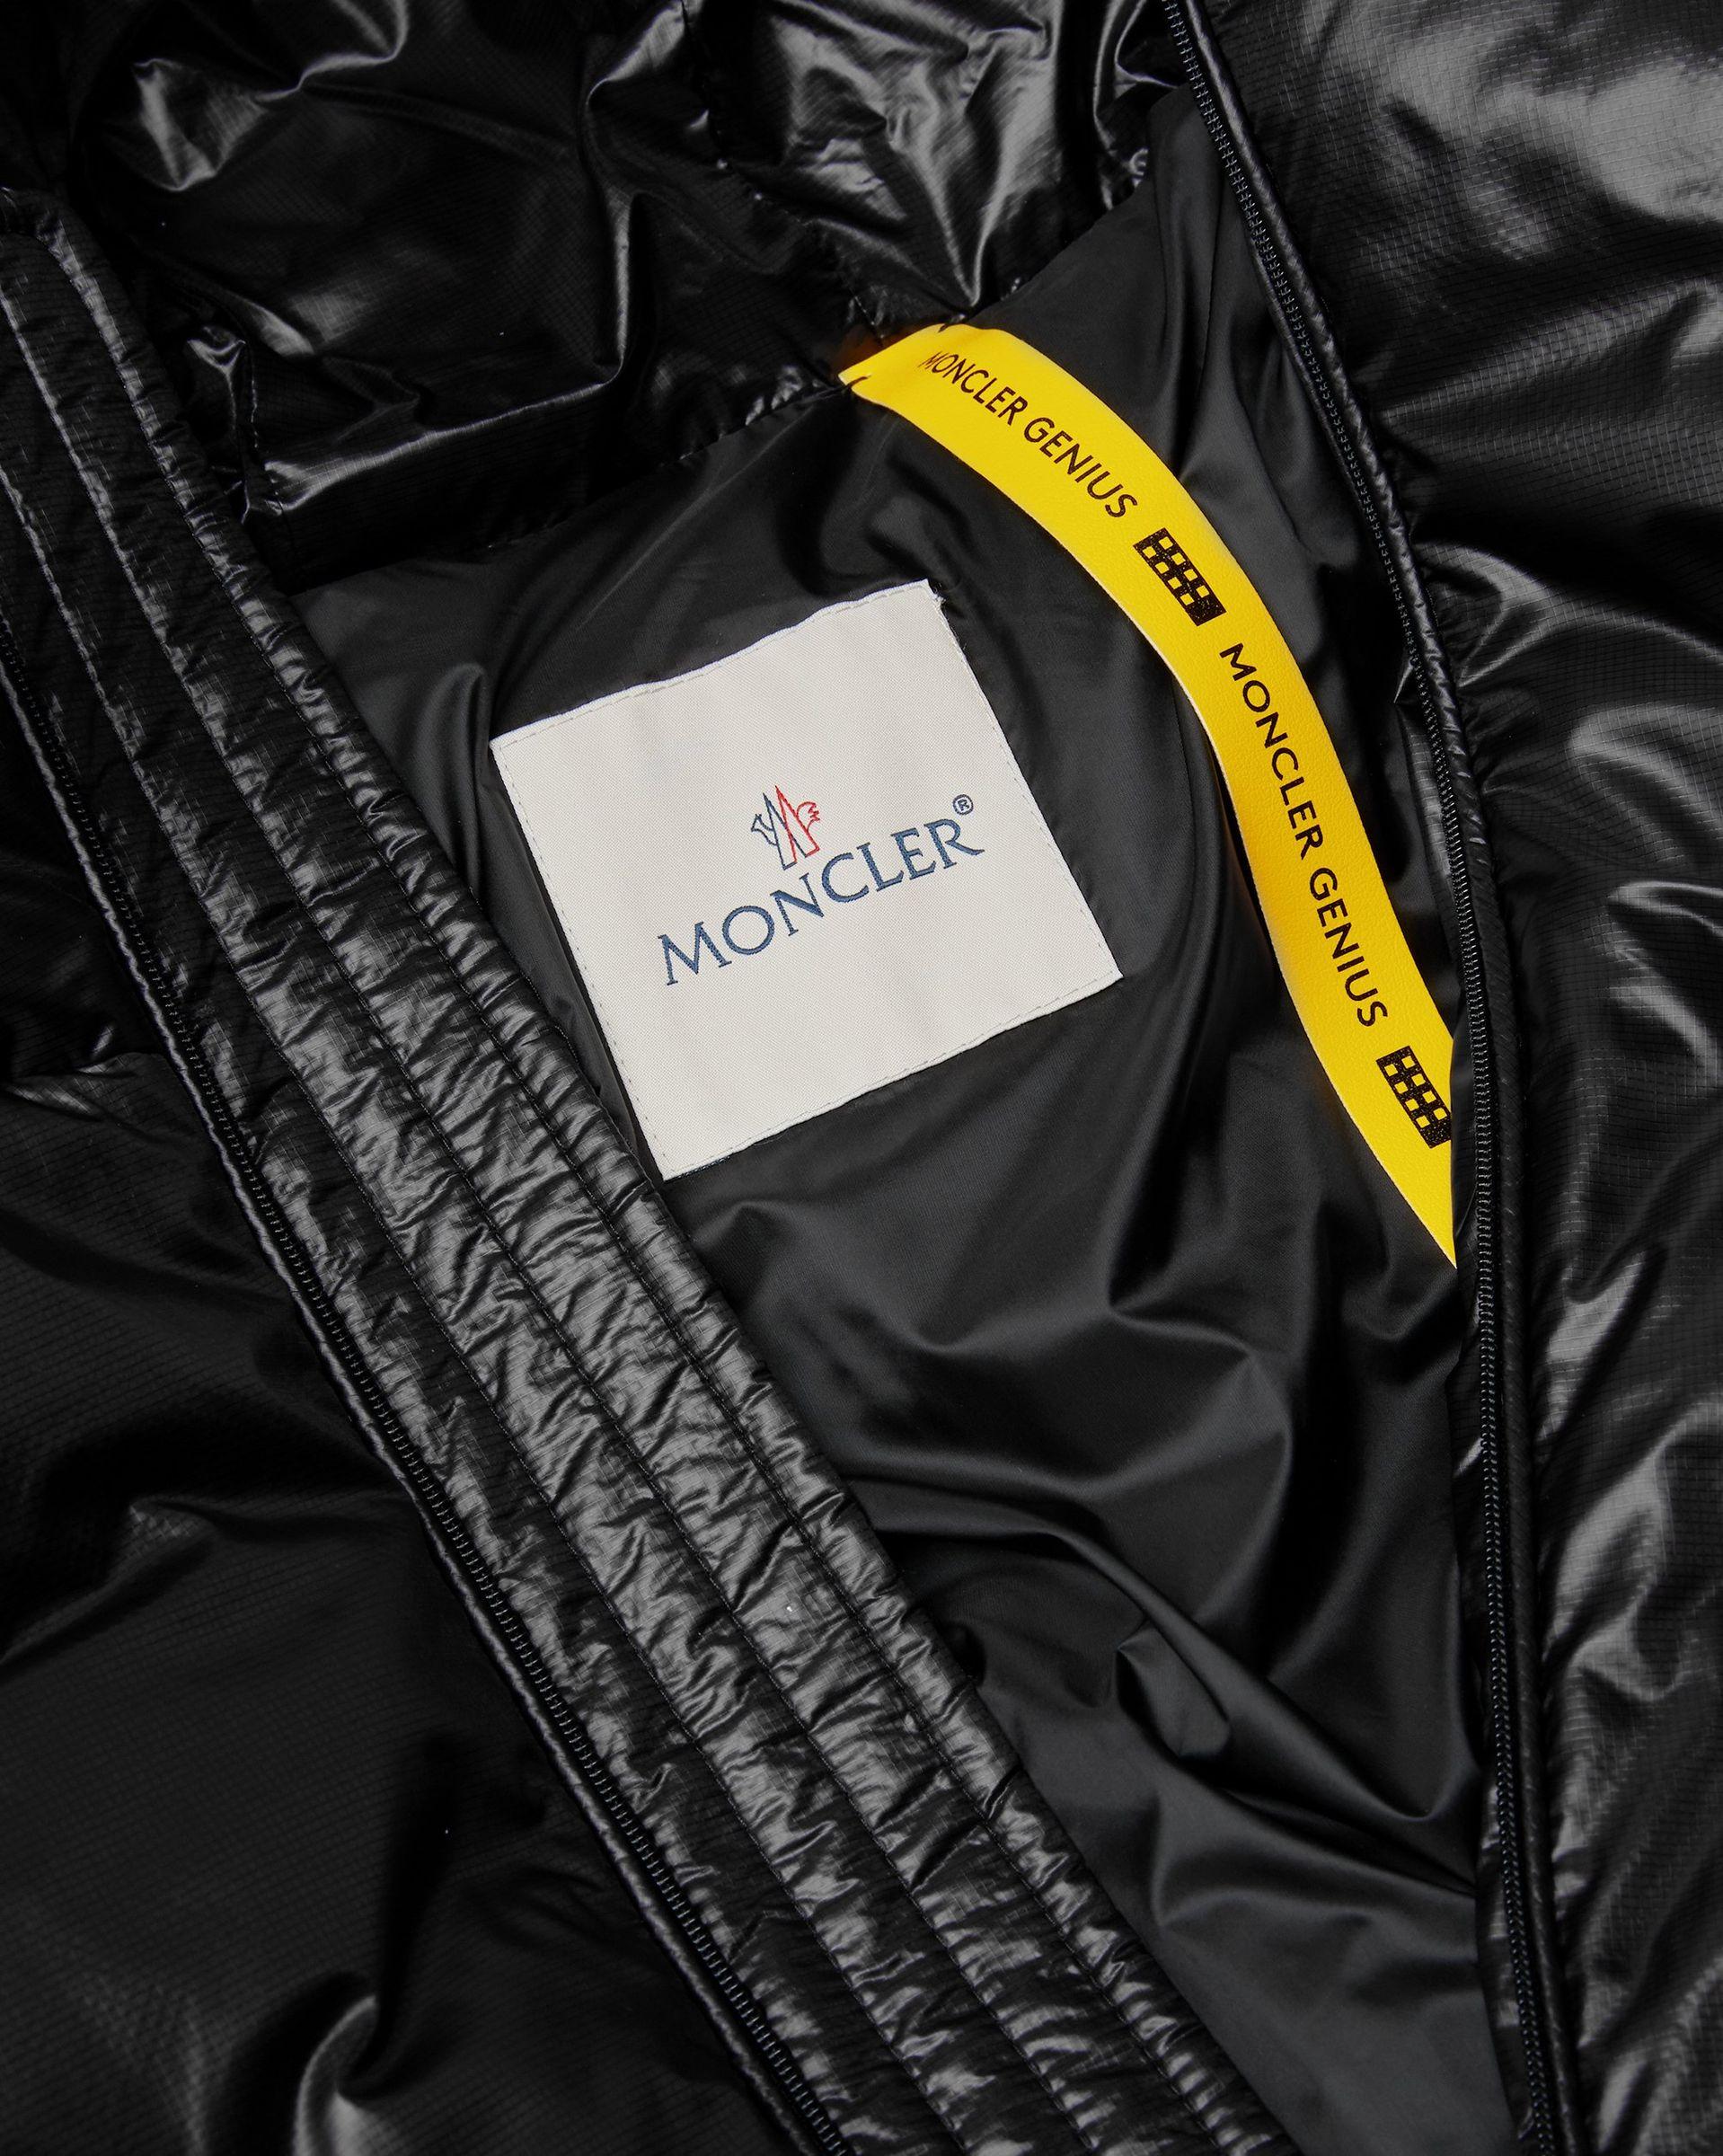 5 Moncler Craig Green - Tresheroy Jacket Black - Image 4